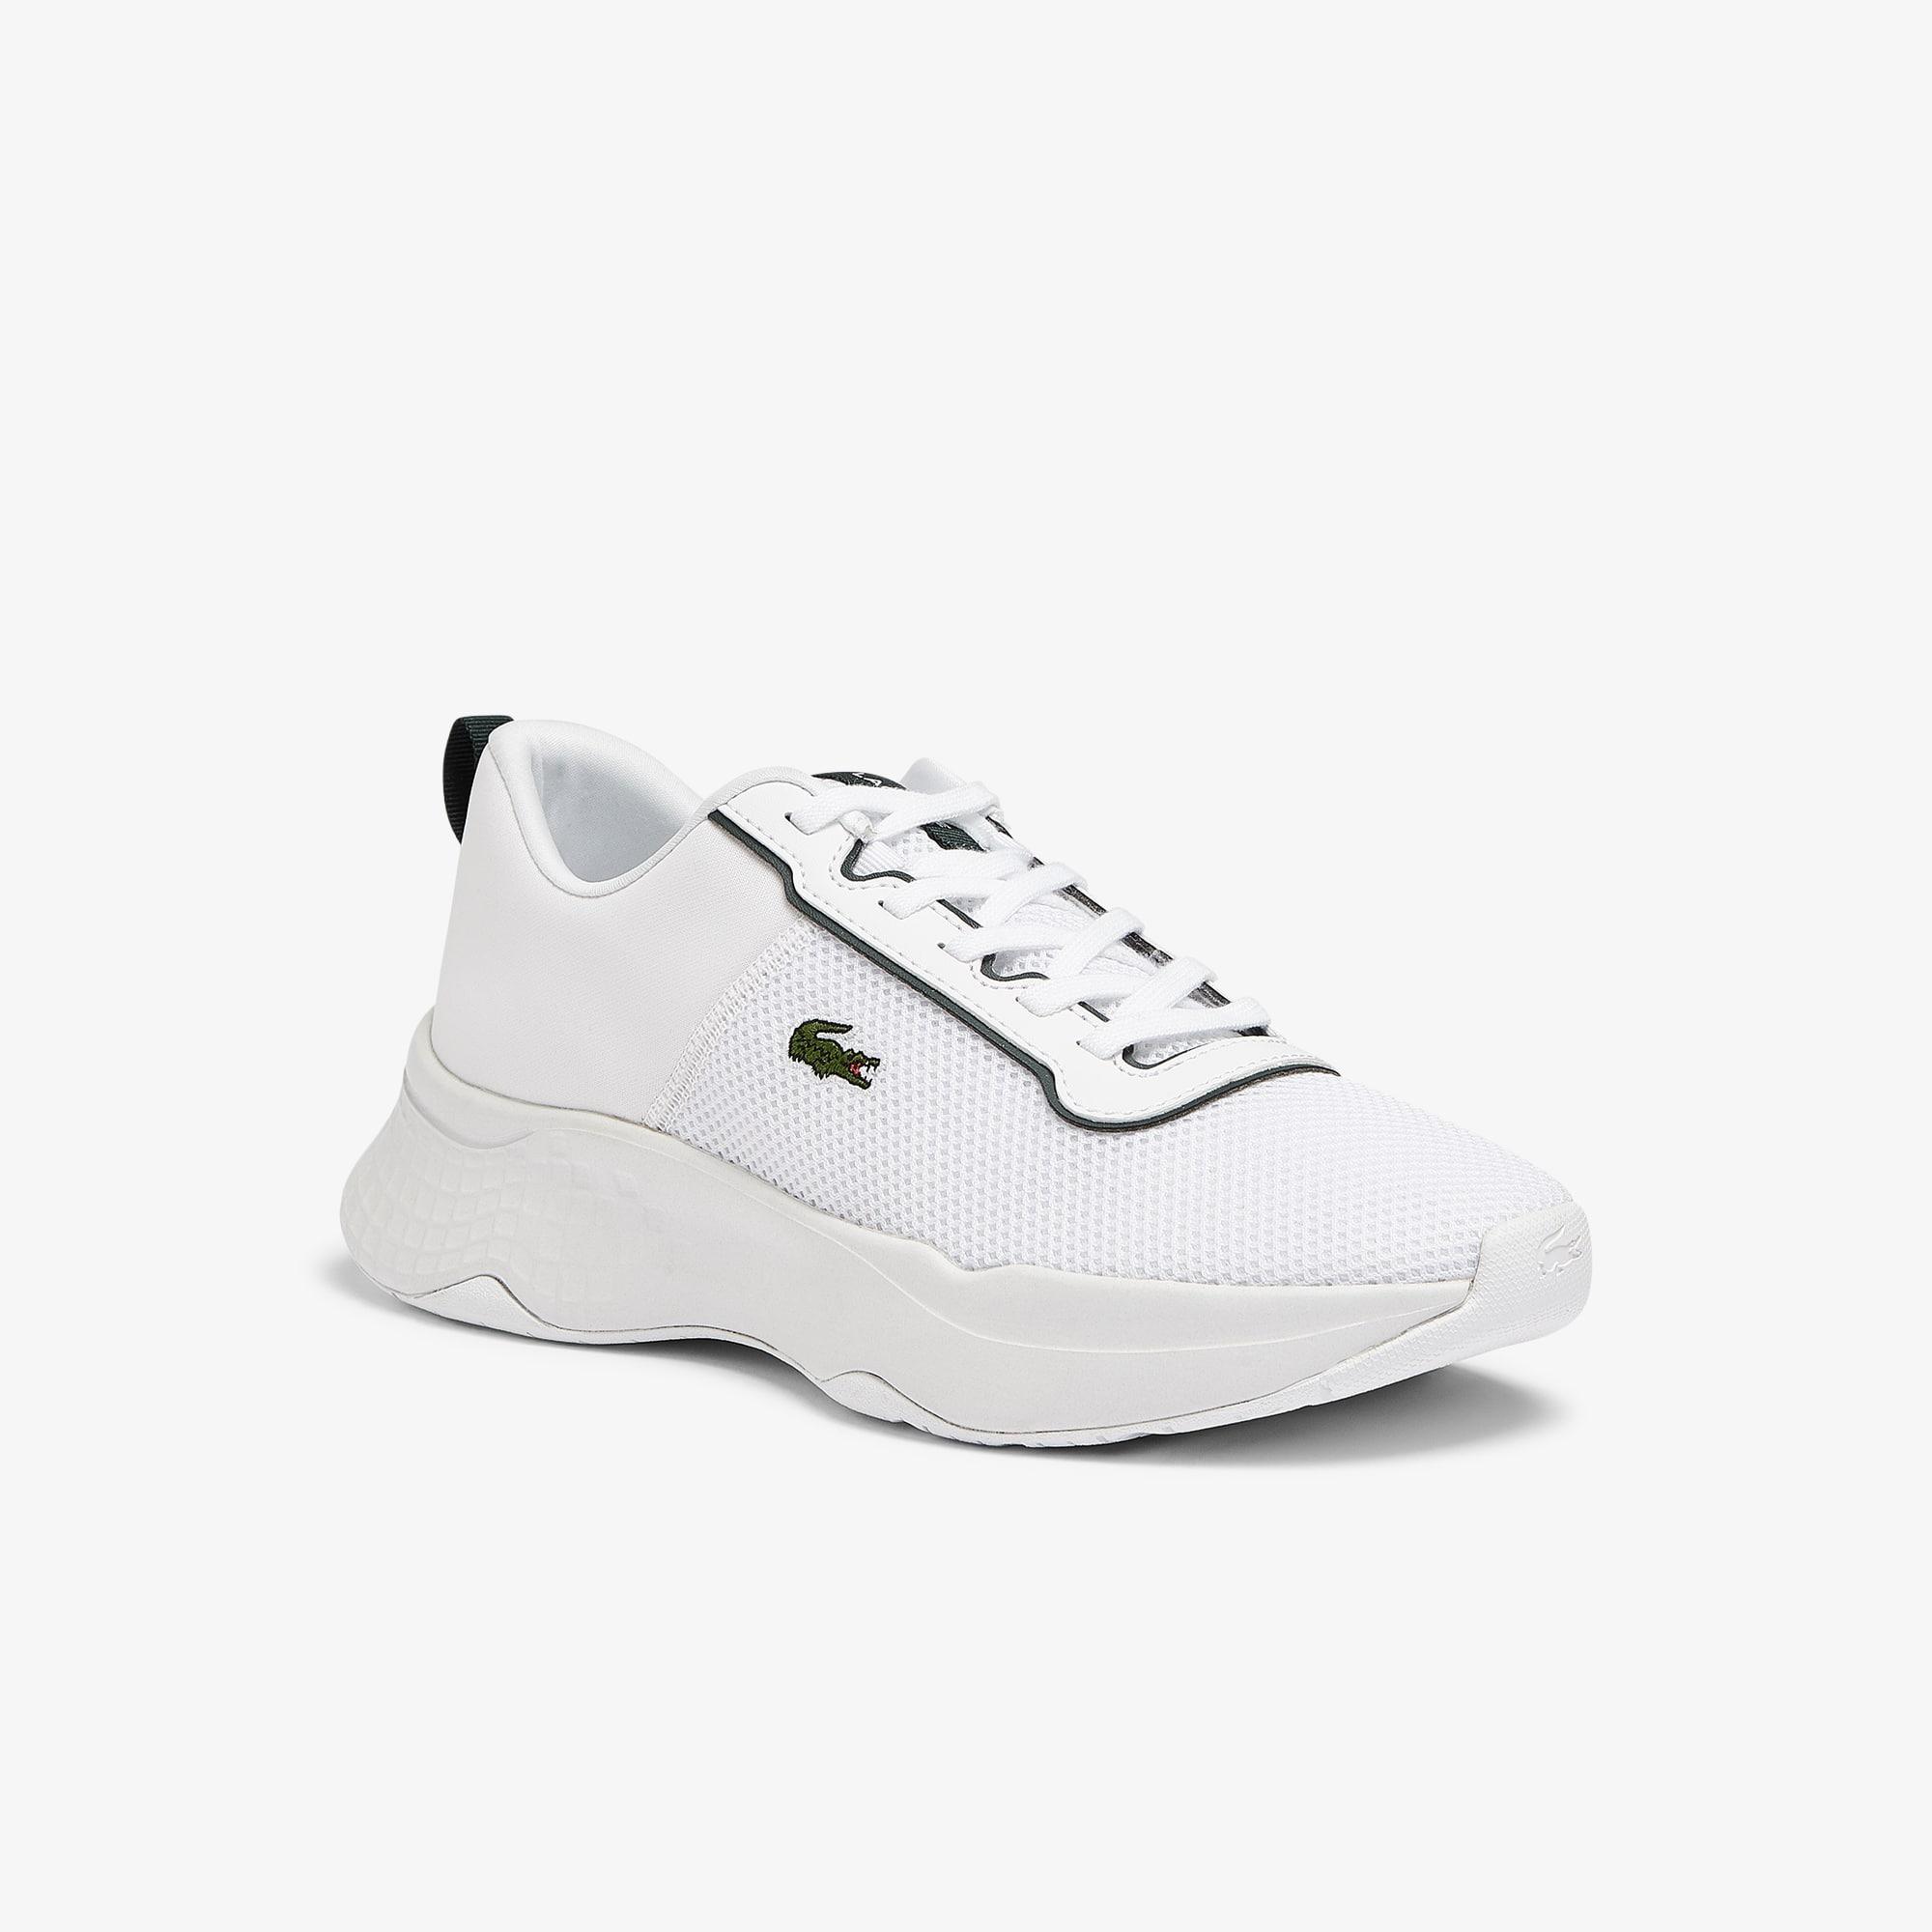 Lacoste Sneakers Court-Drive junior en tissu Taille 37 Blanc/vert Foncé